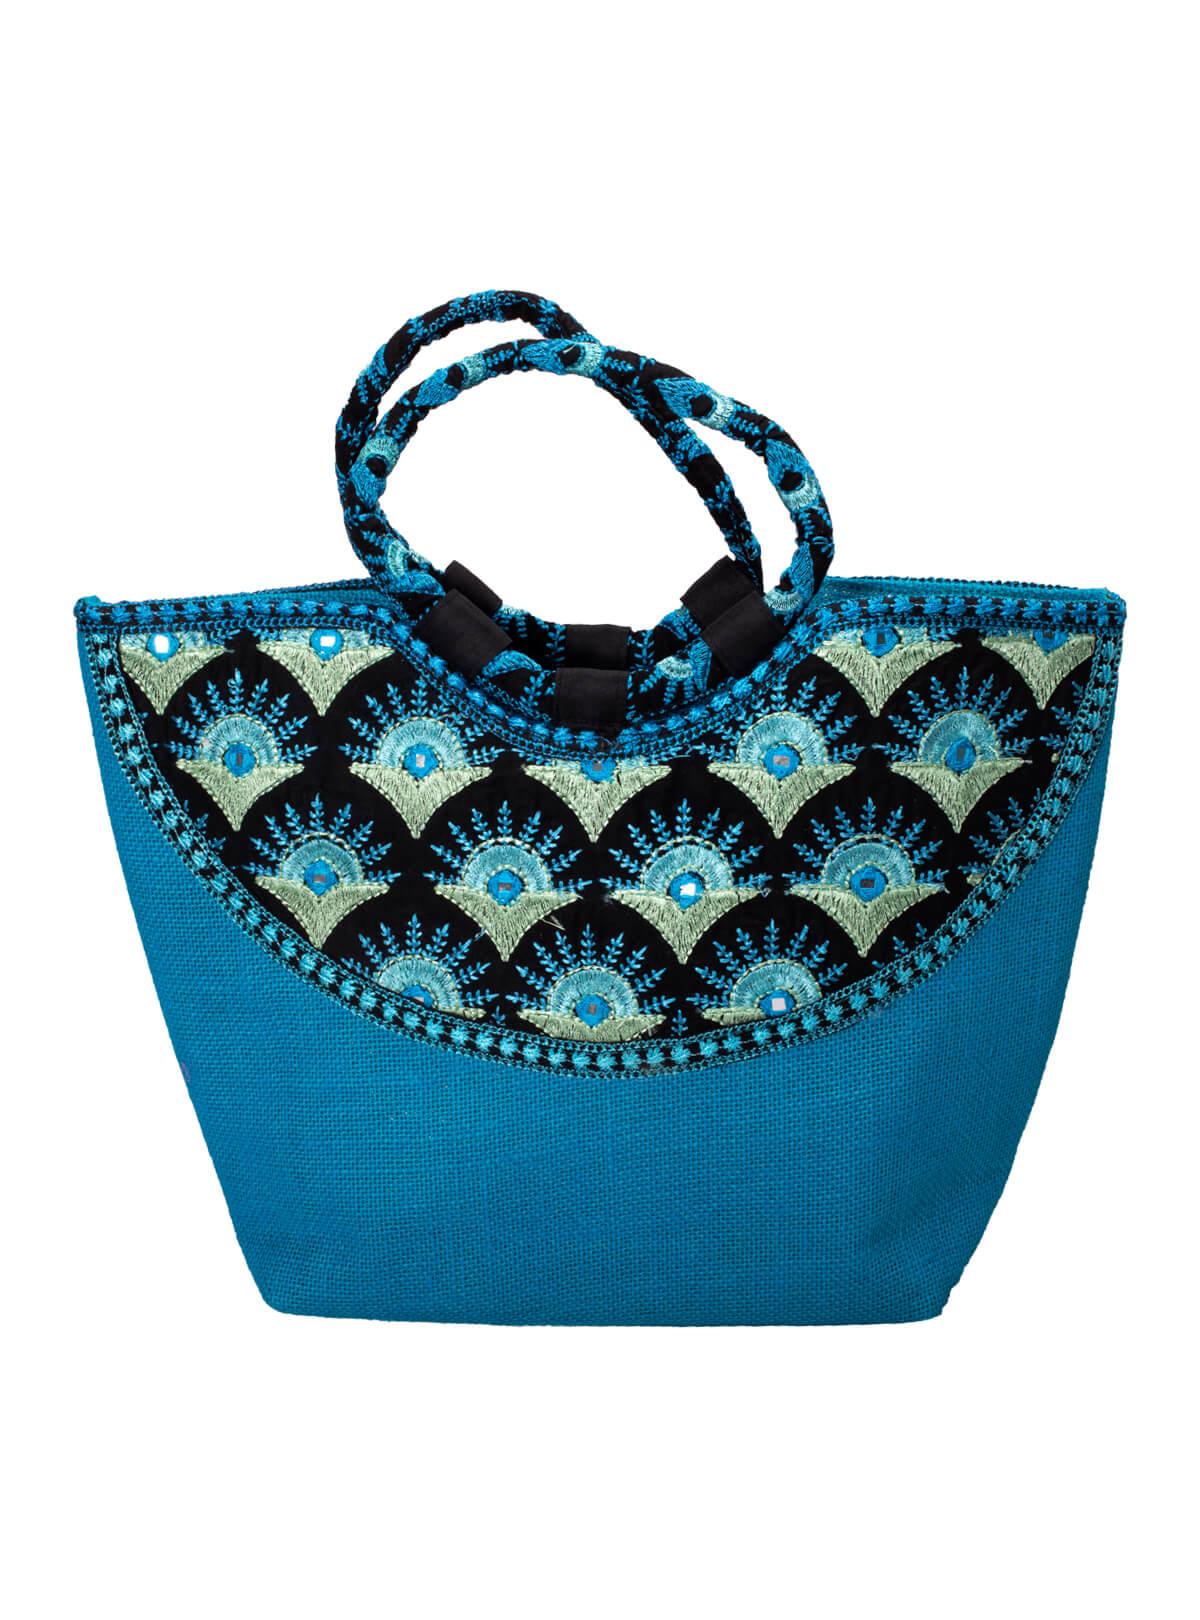 Blue Jute Embroidered Ladies Bag